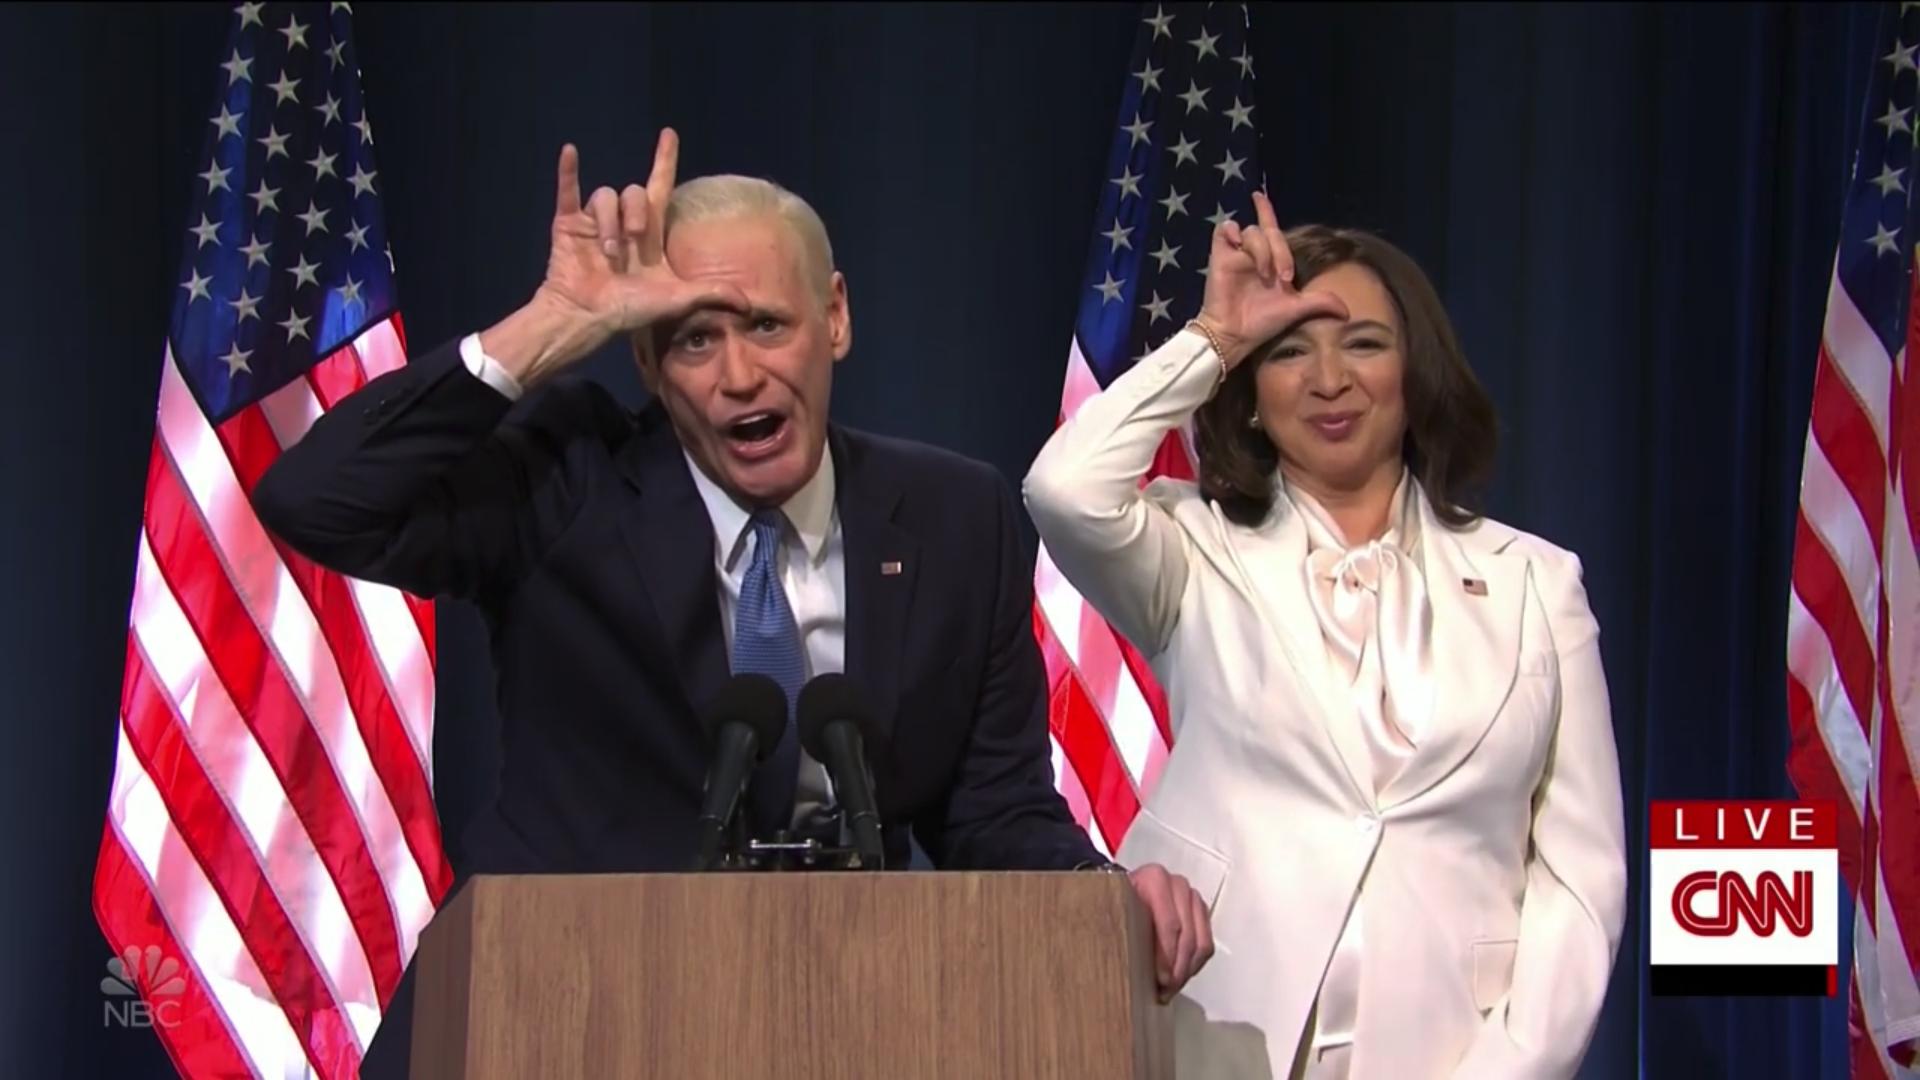 Saturday Night Live' celebrates Biden win, calls Trump 'loser'